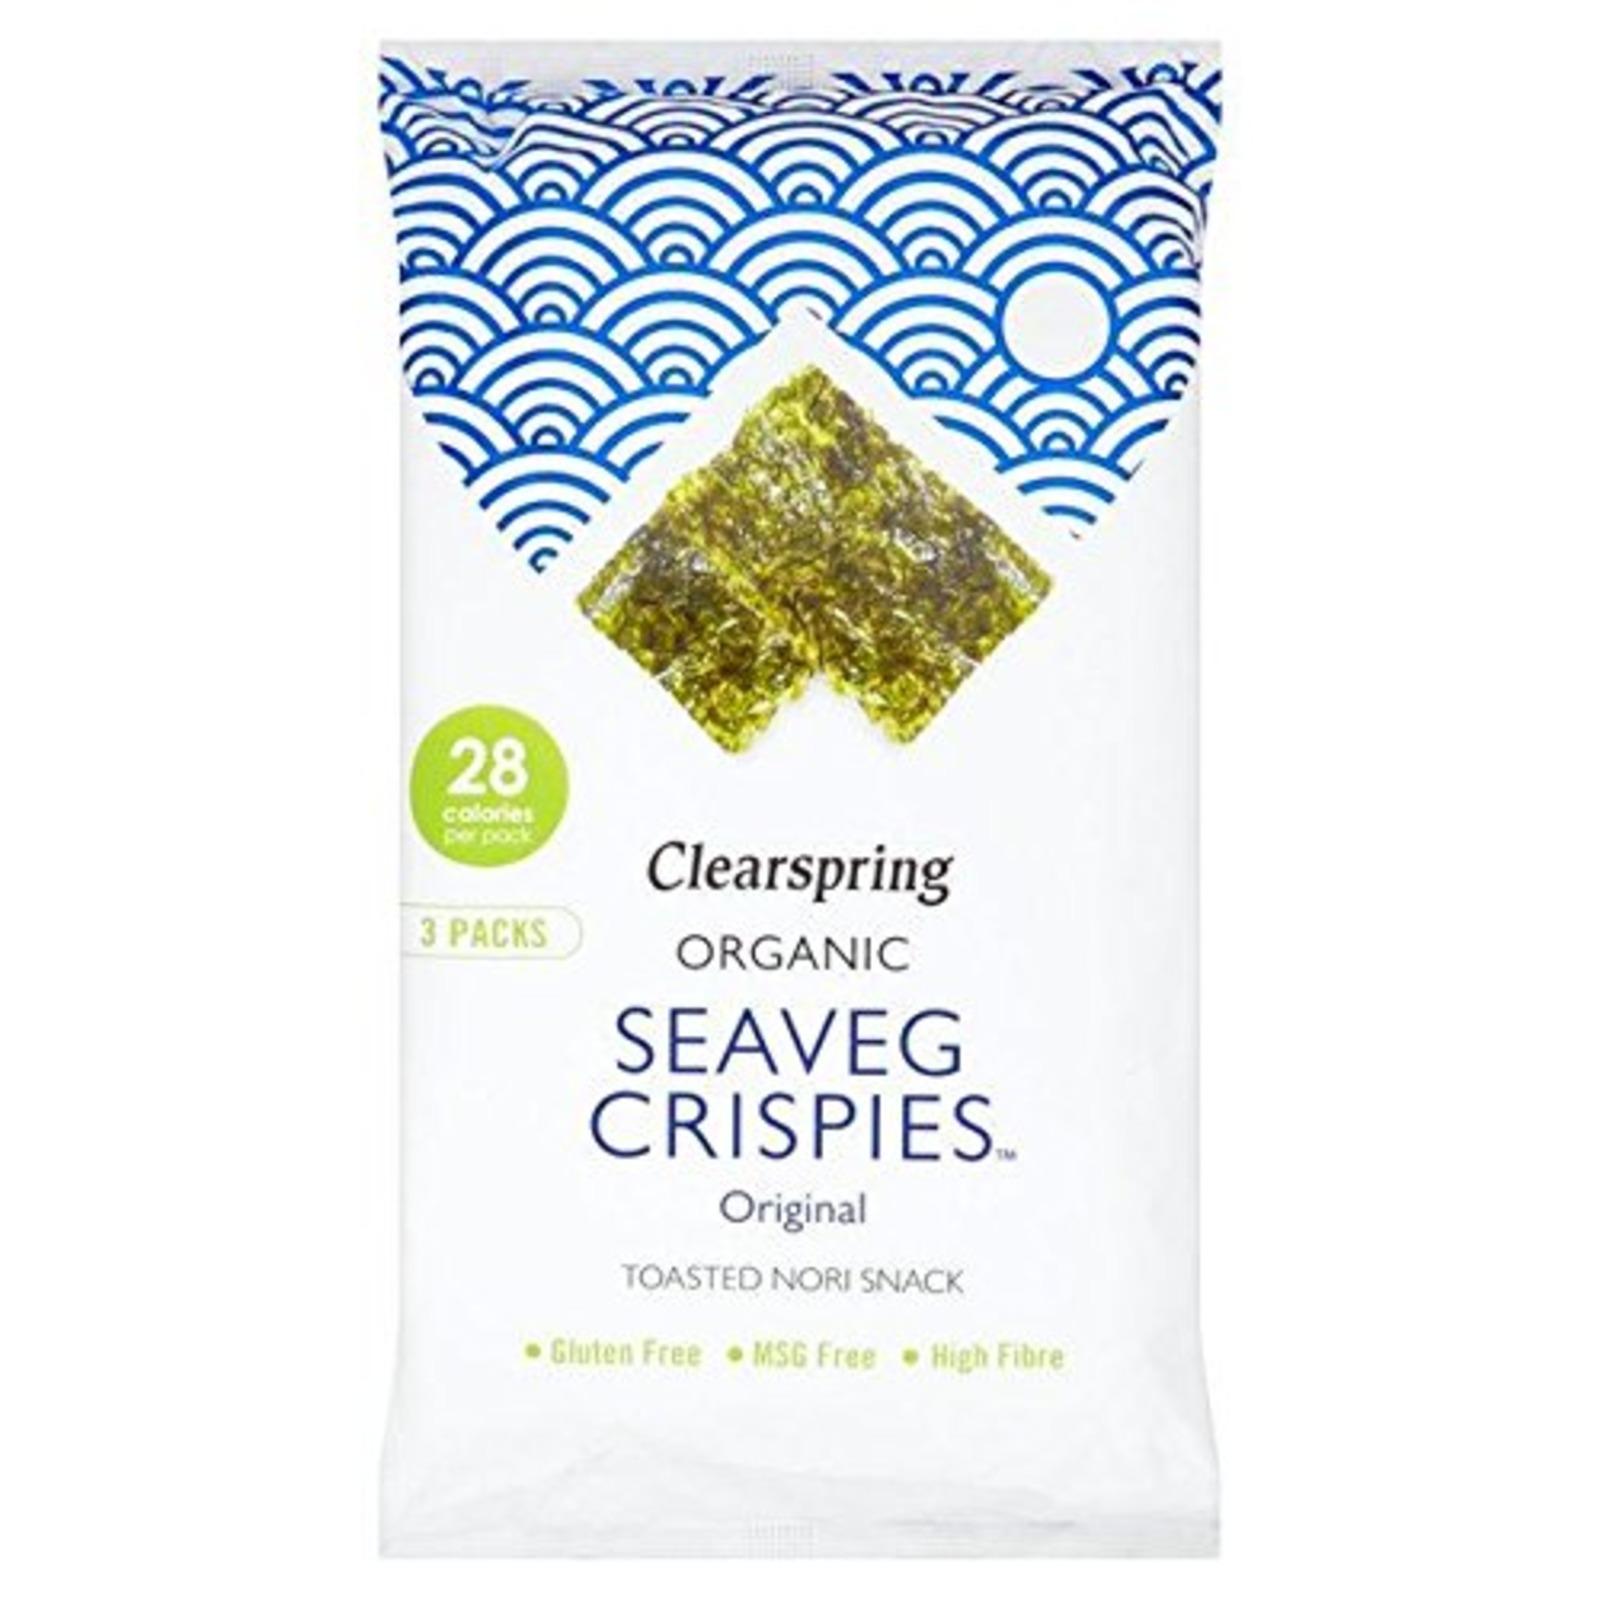 Clearspring Seaveg Crispies Multi Pack